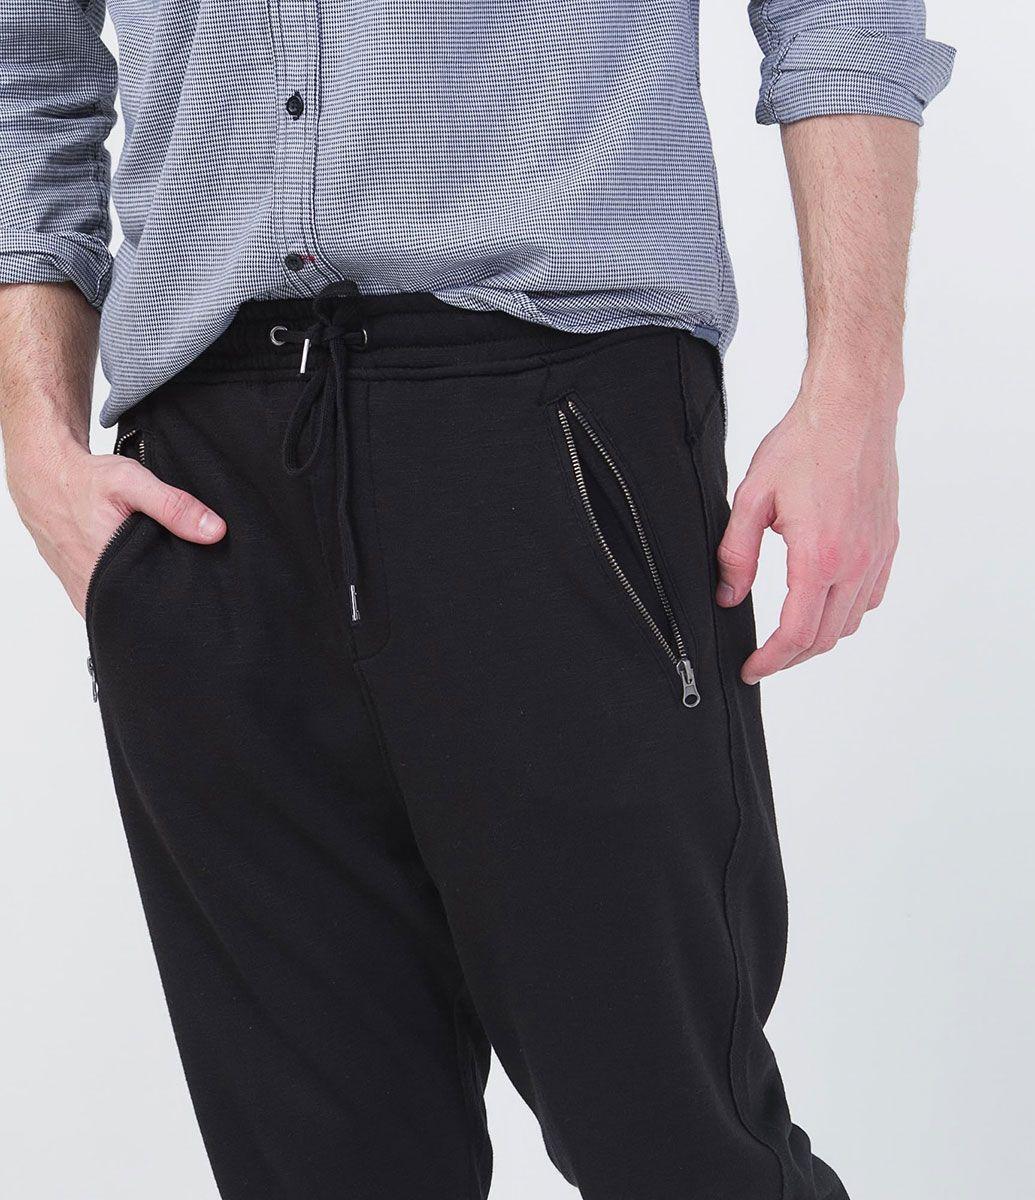 01822f937d66 Calça Jogger Masculina em Moletom - Lojas Renner | roupas | Calça ...